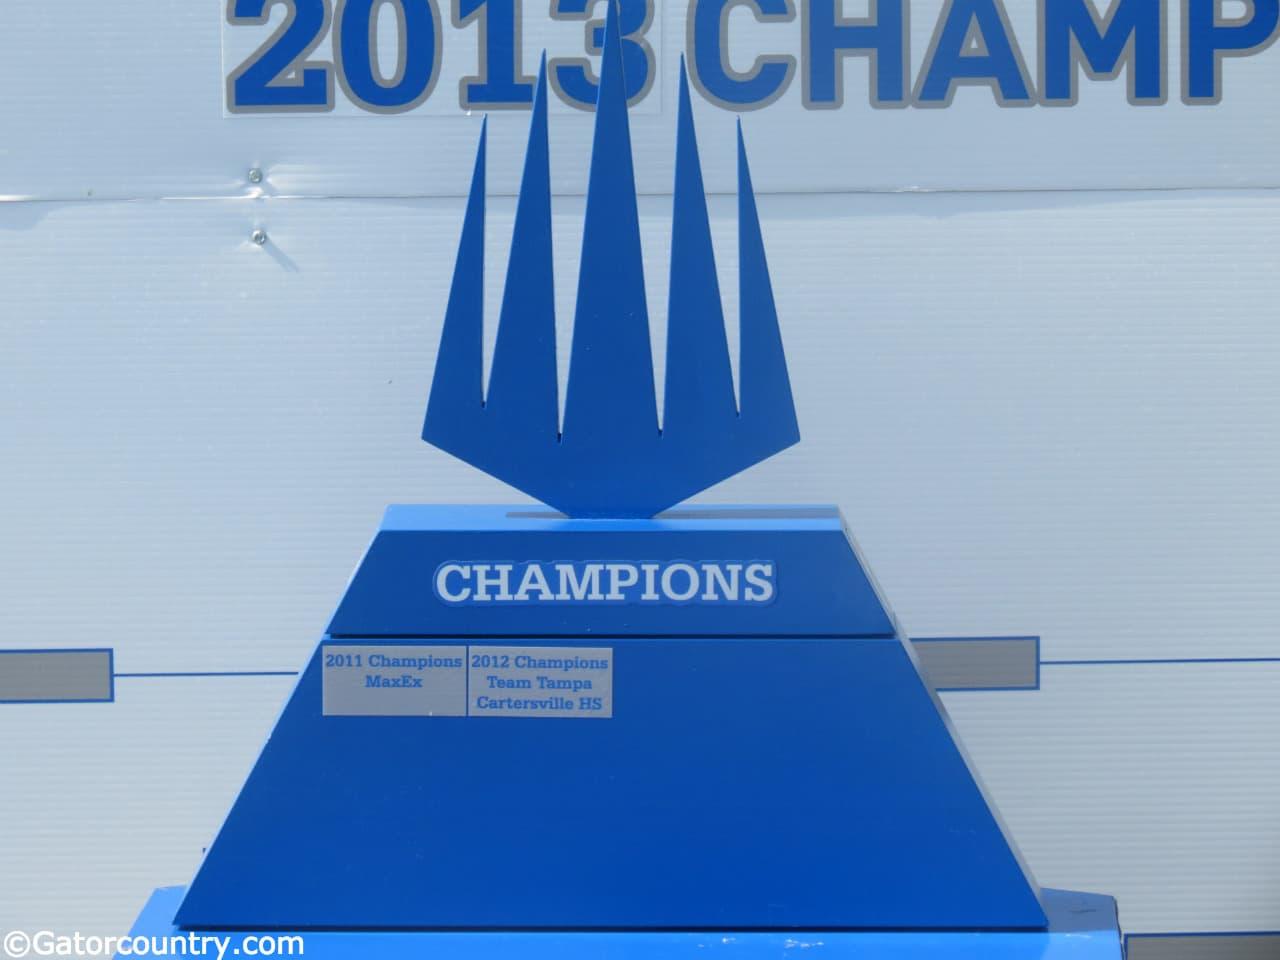 IMG 7-on-7 trophy